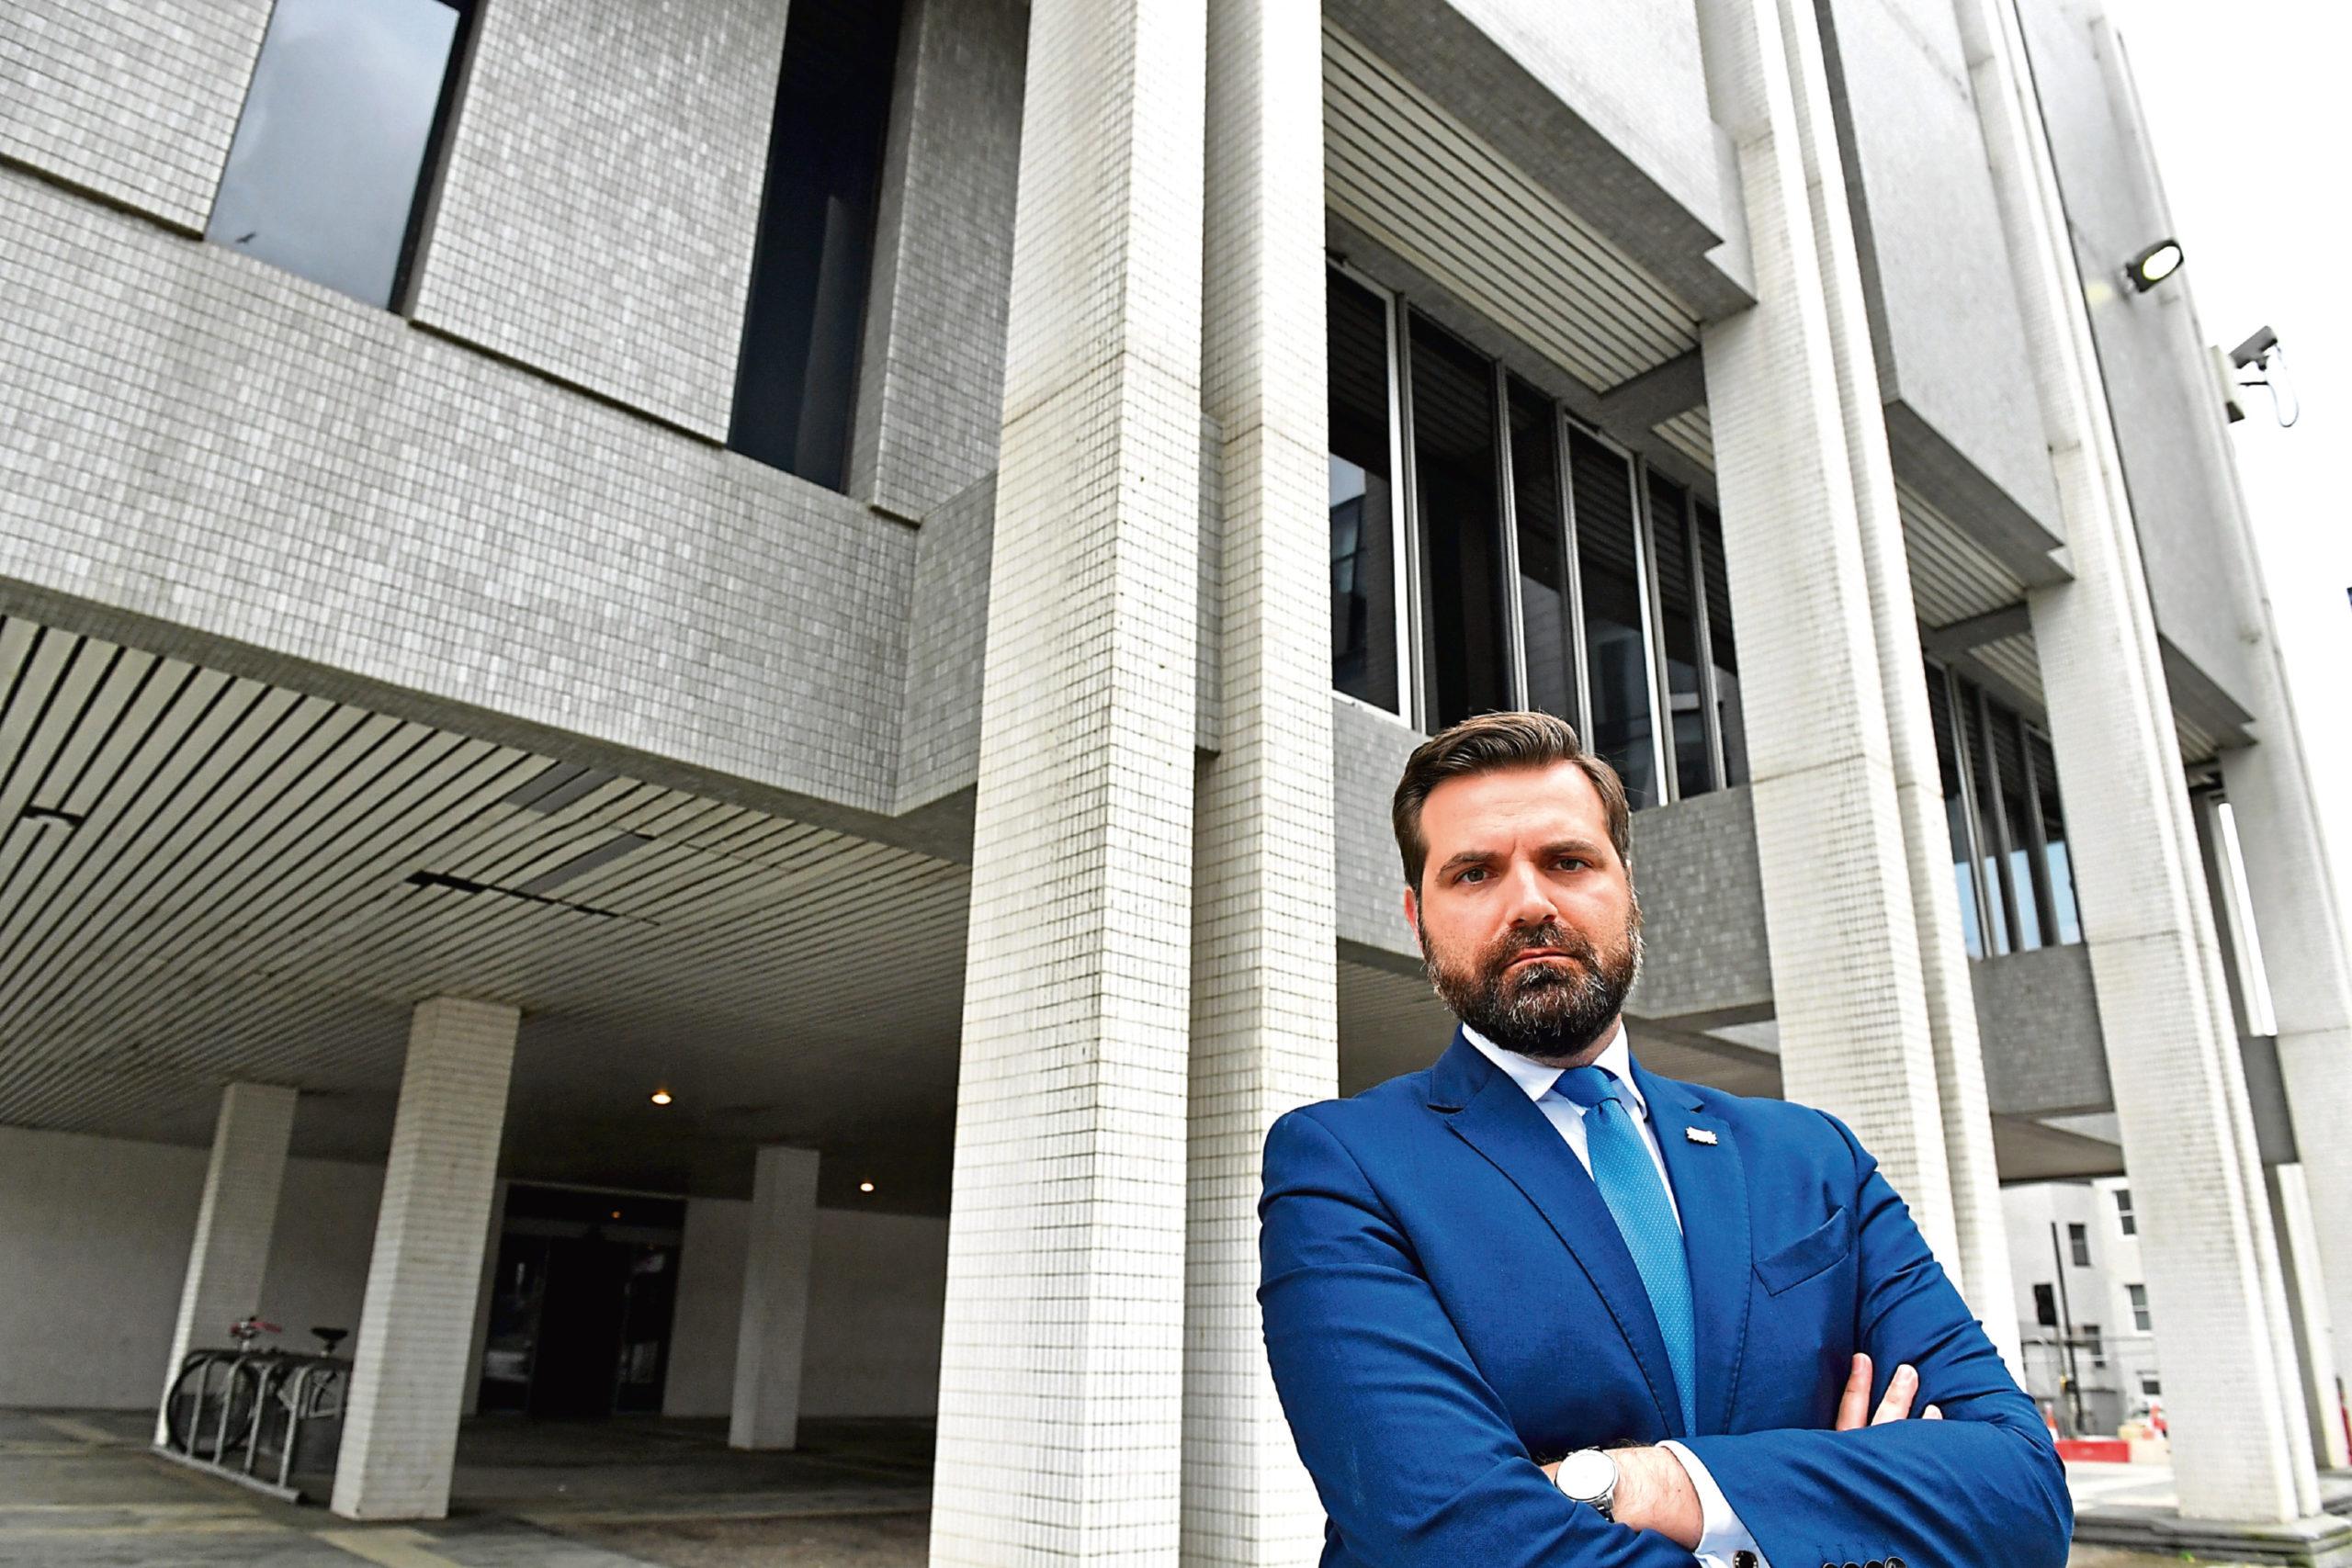 Councillor John Wheeler hopes the virtual tours are a success